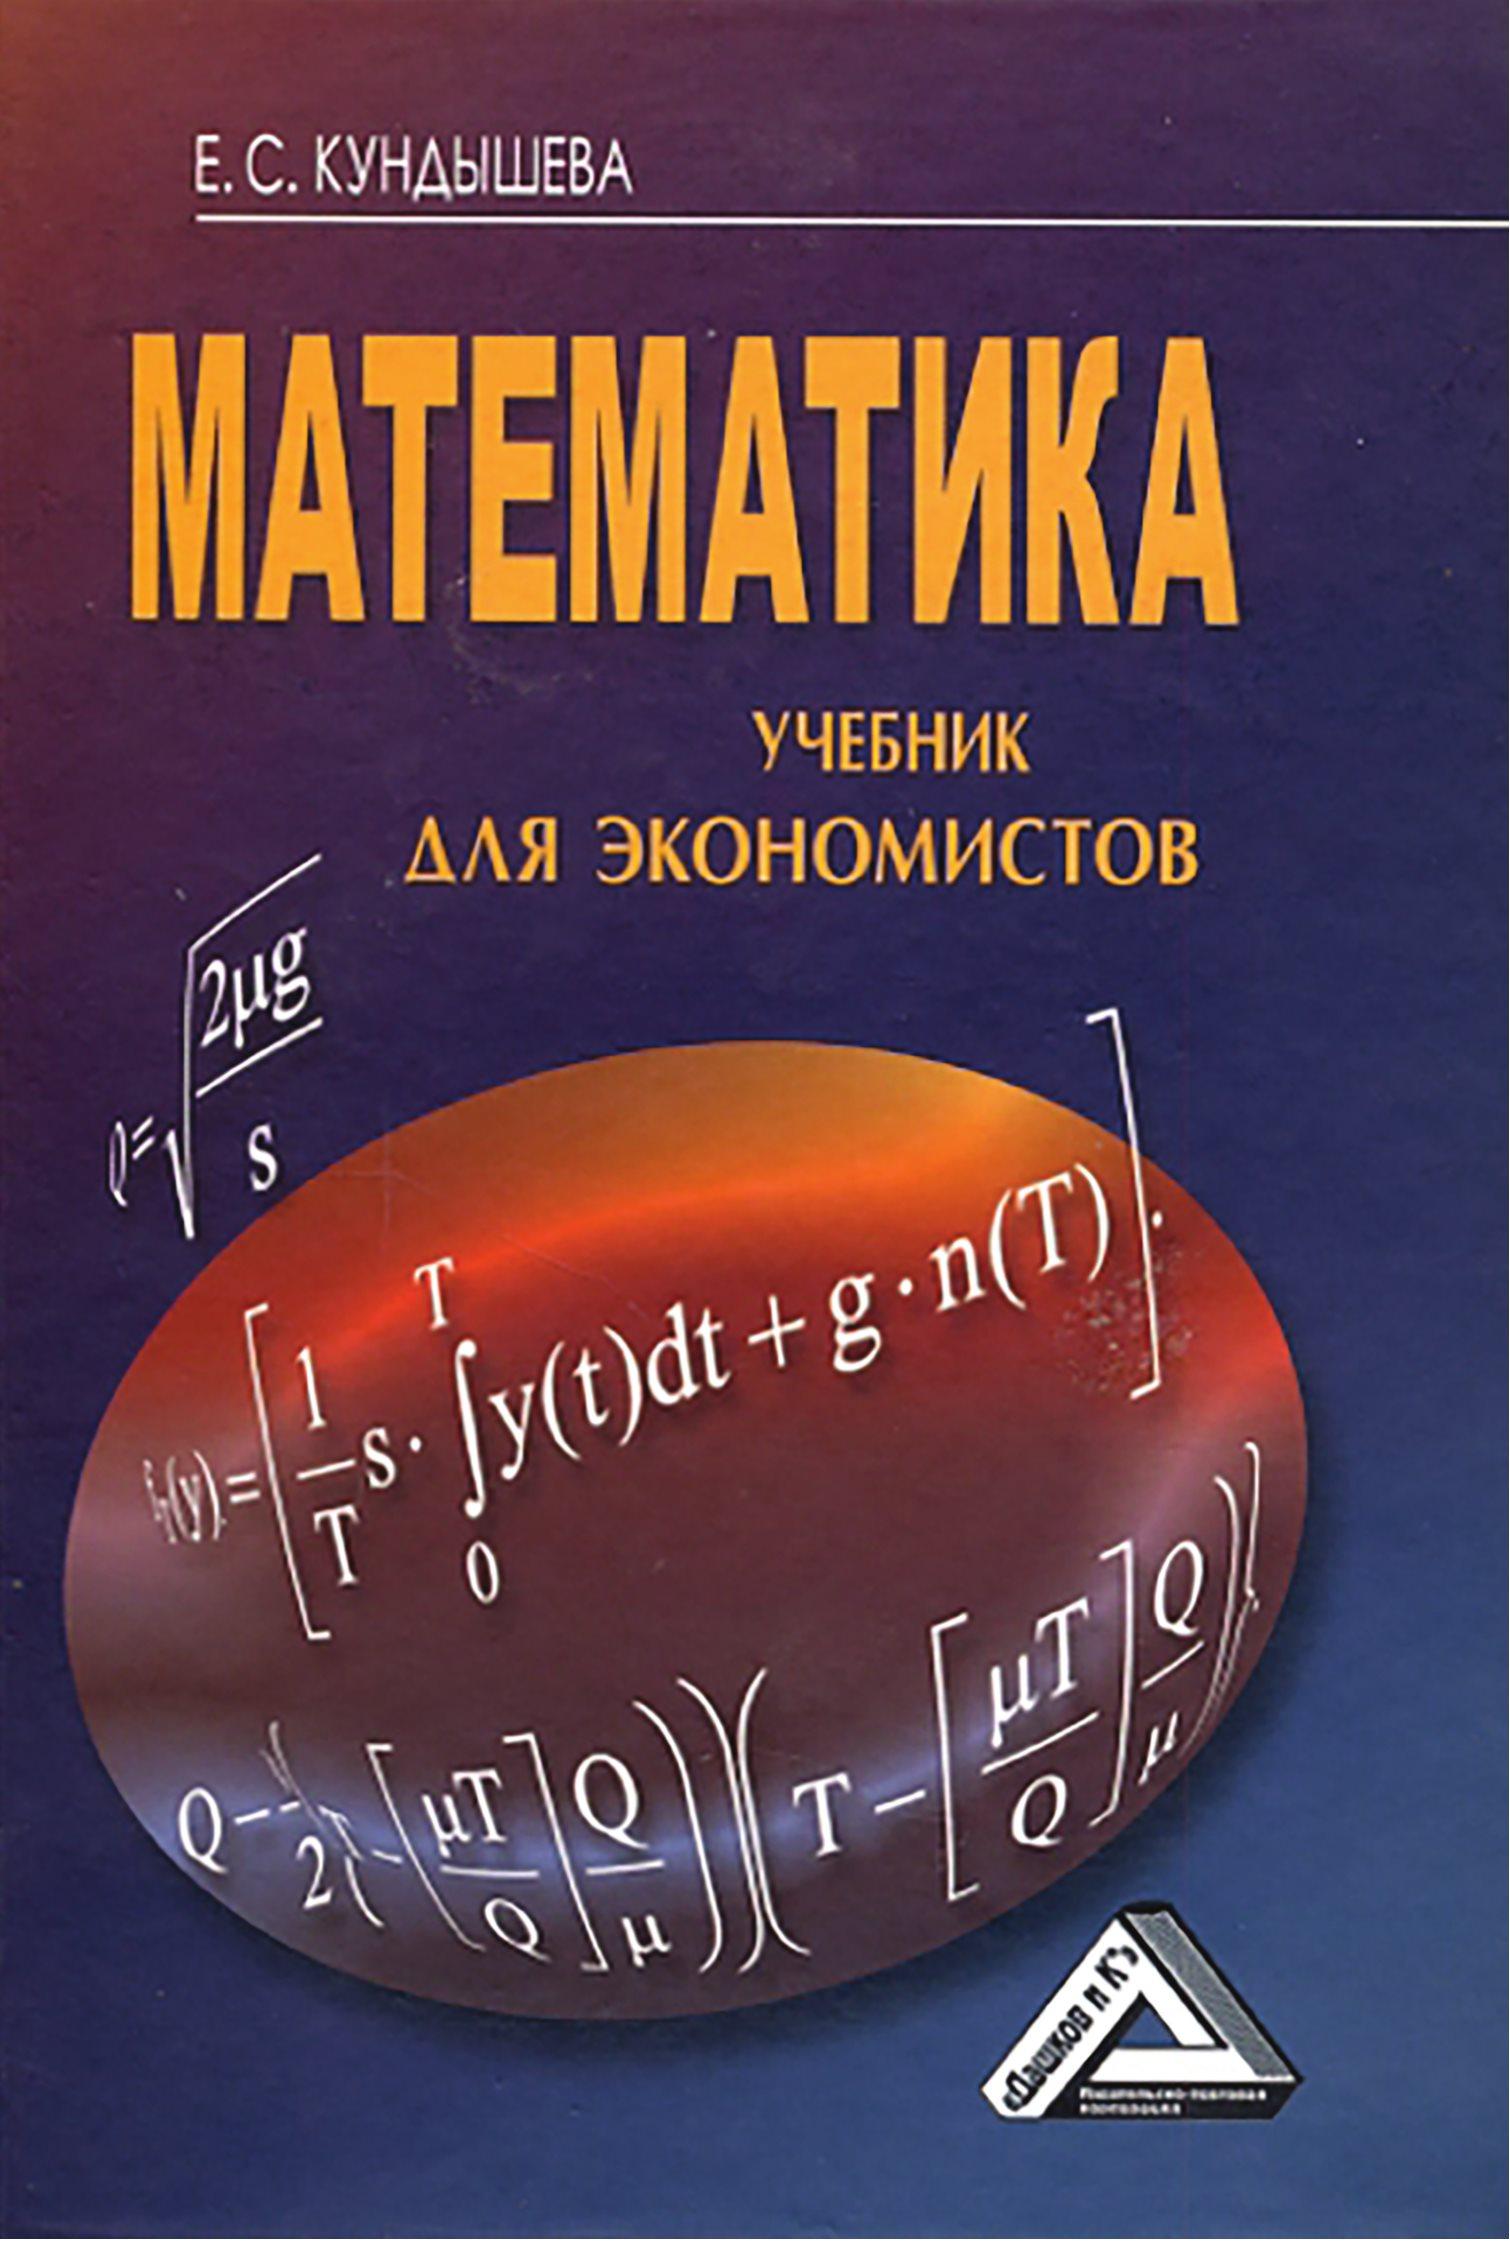 Елена Кундышева Математика. Учебник для экономистов смагин б экономико математические методы учебник